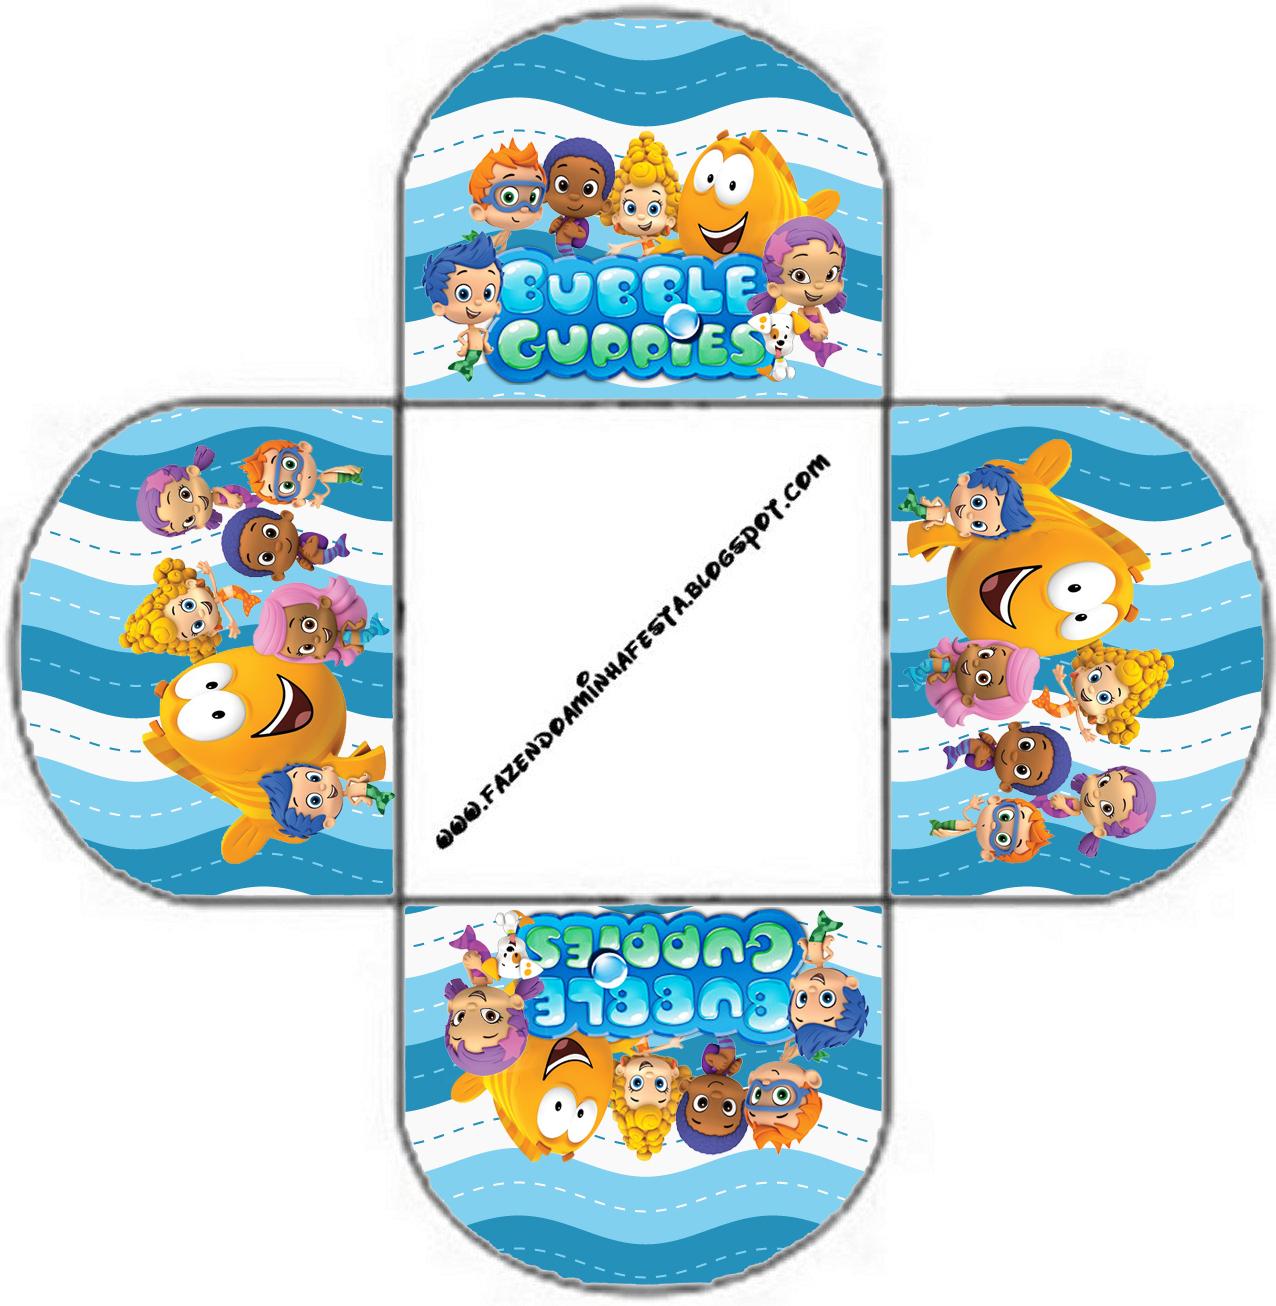 http://fazendoanossafesta.com.br/2013/06/bubble-guppies-kit-completo ...